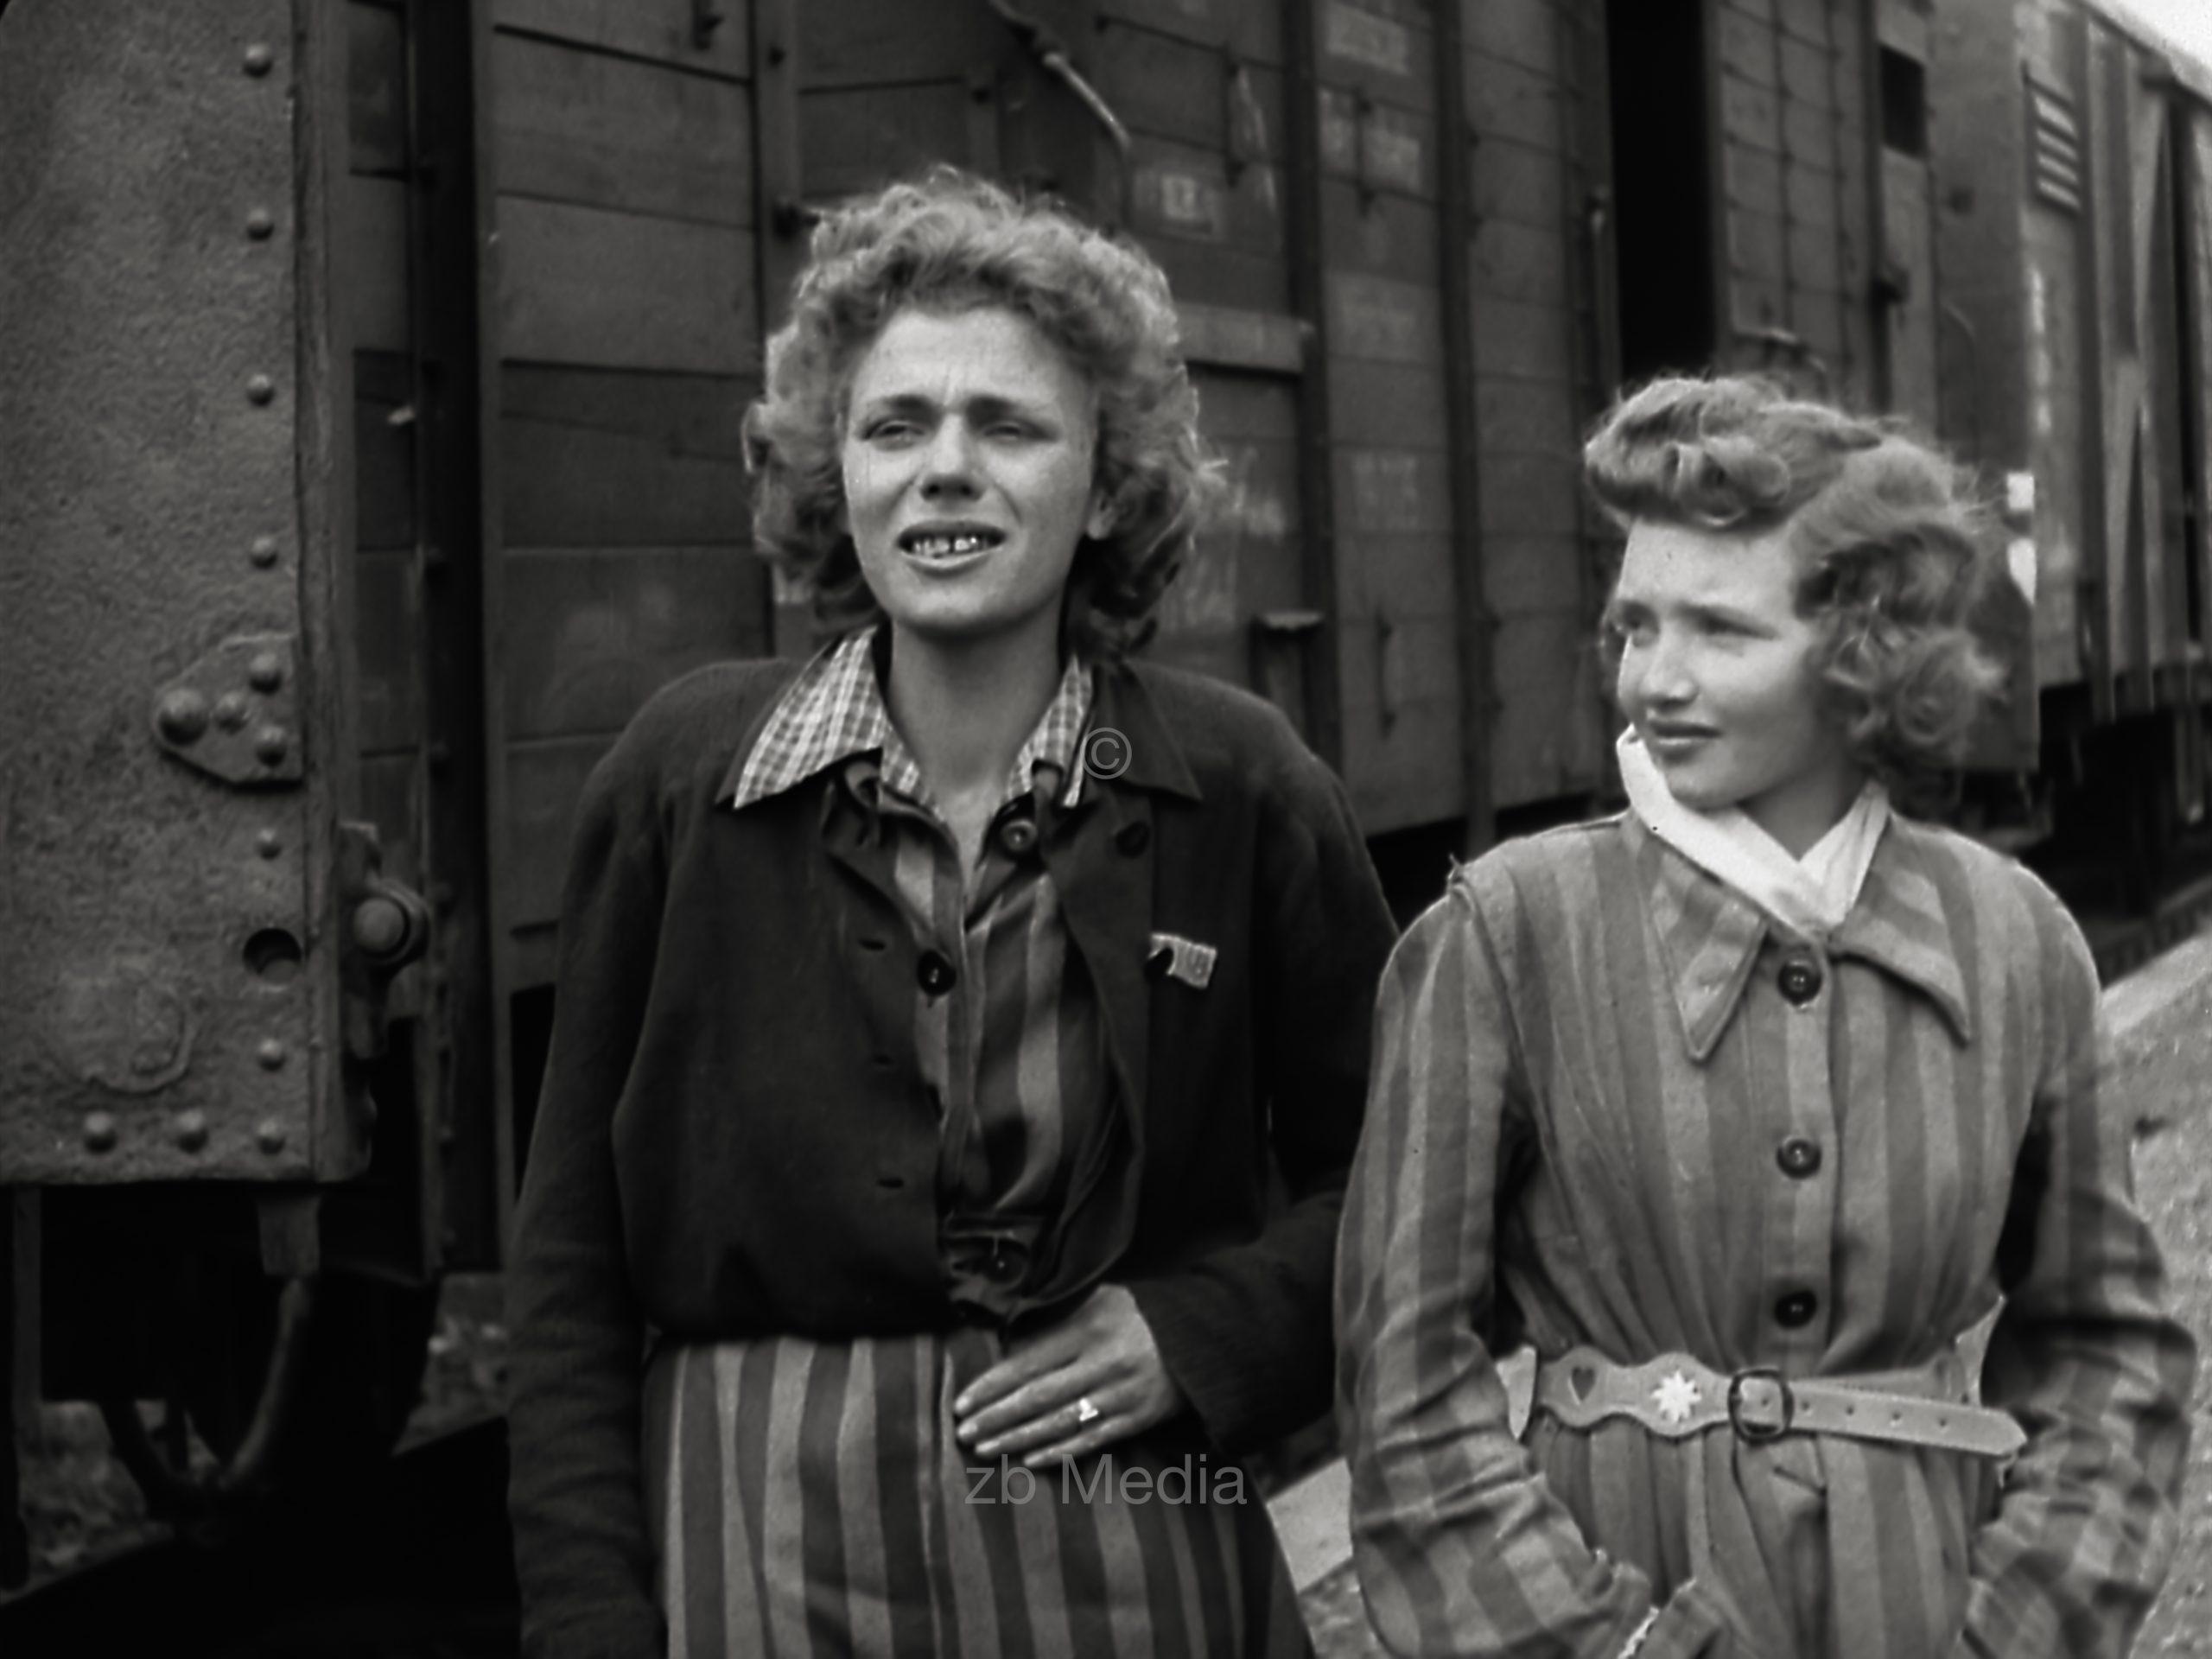 Bahnhof Seeshaupt 1945. KZ Häftlinge